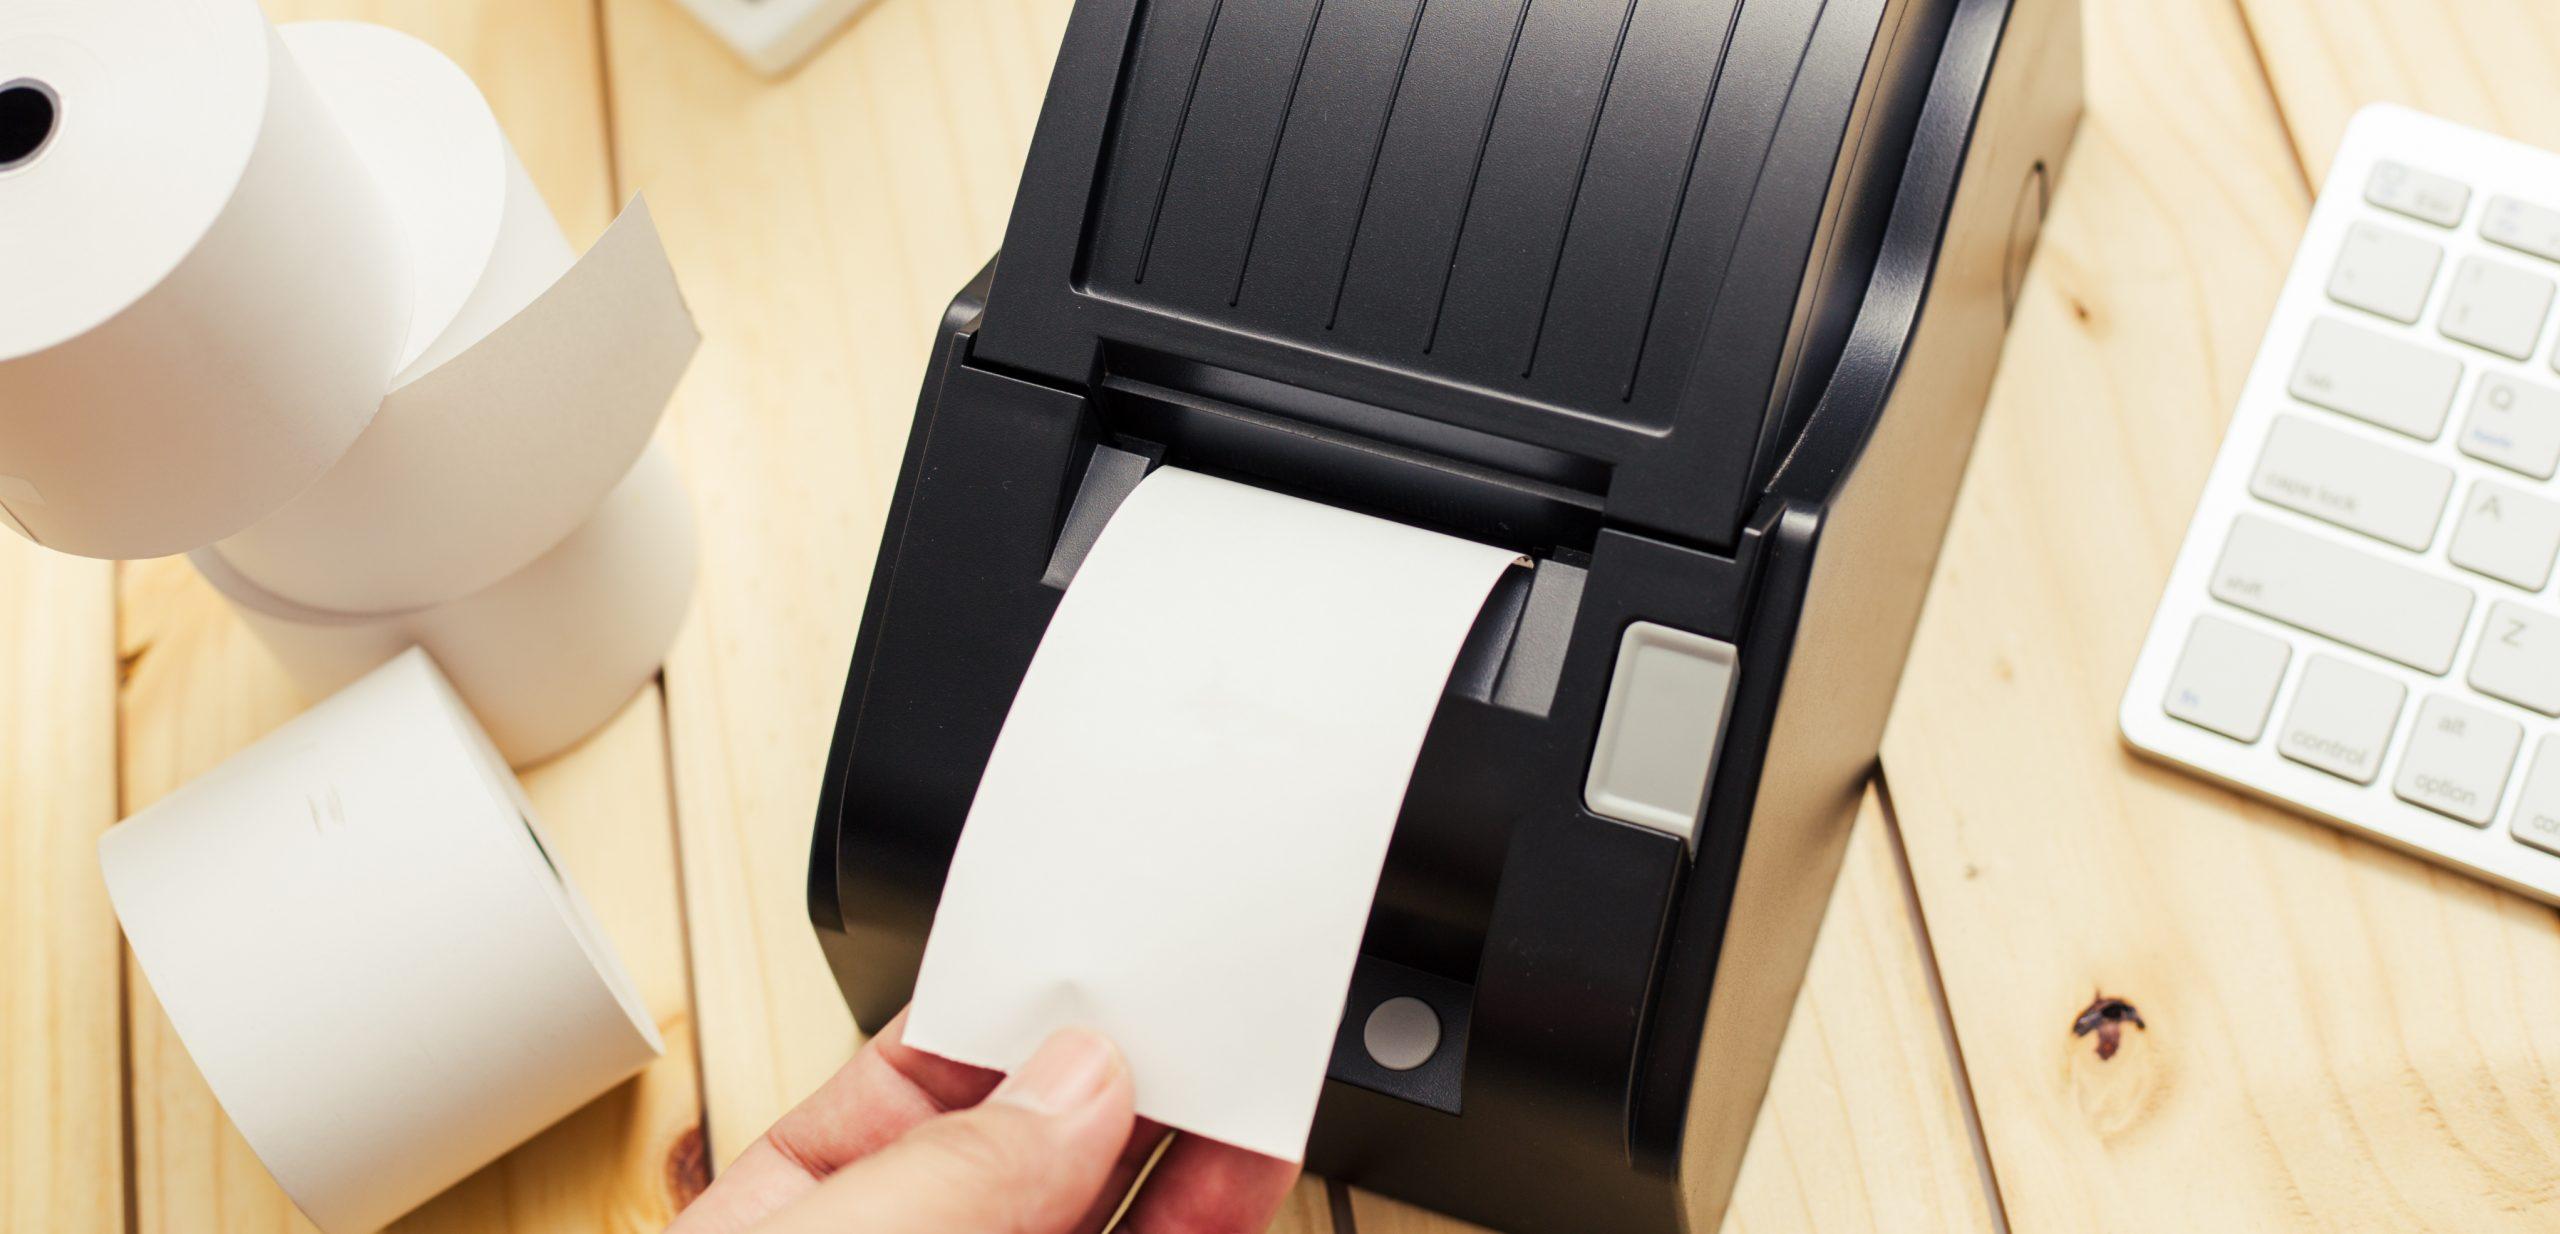 Impressora térmica: Qual é a melhor de 2020?